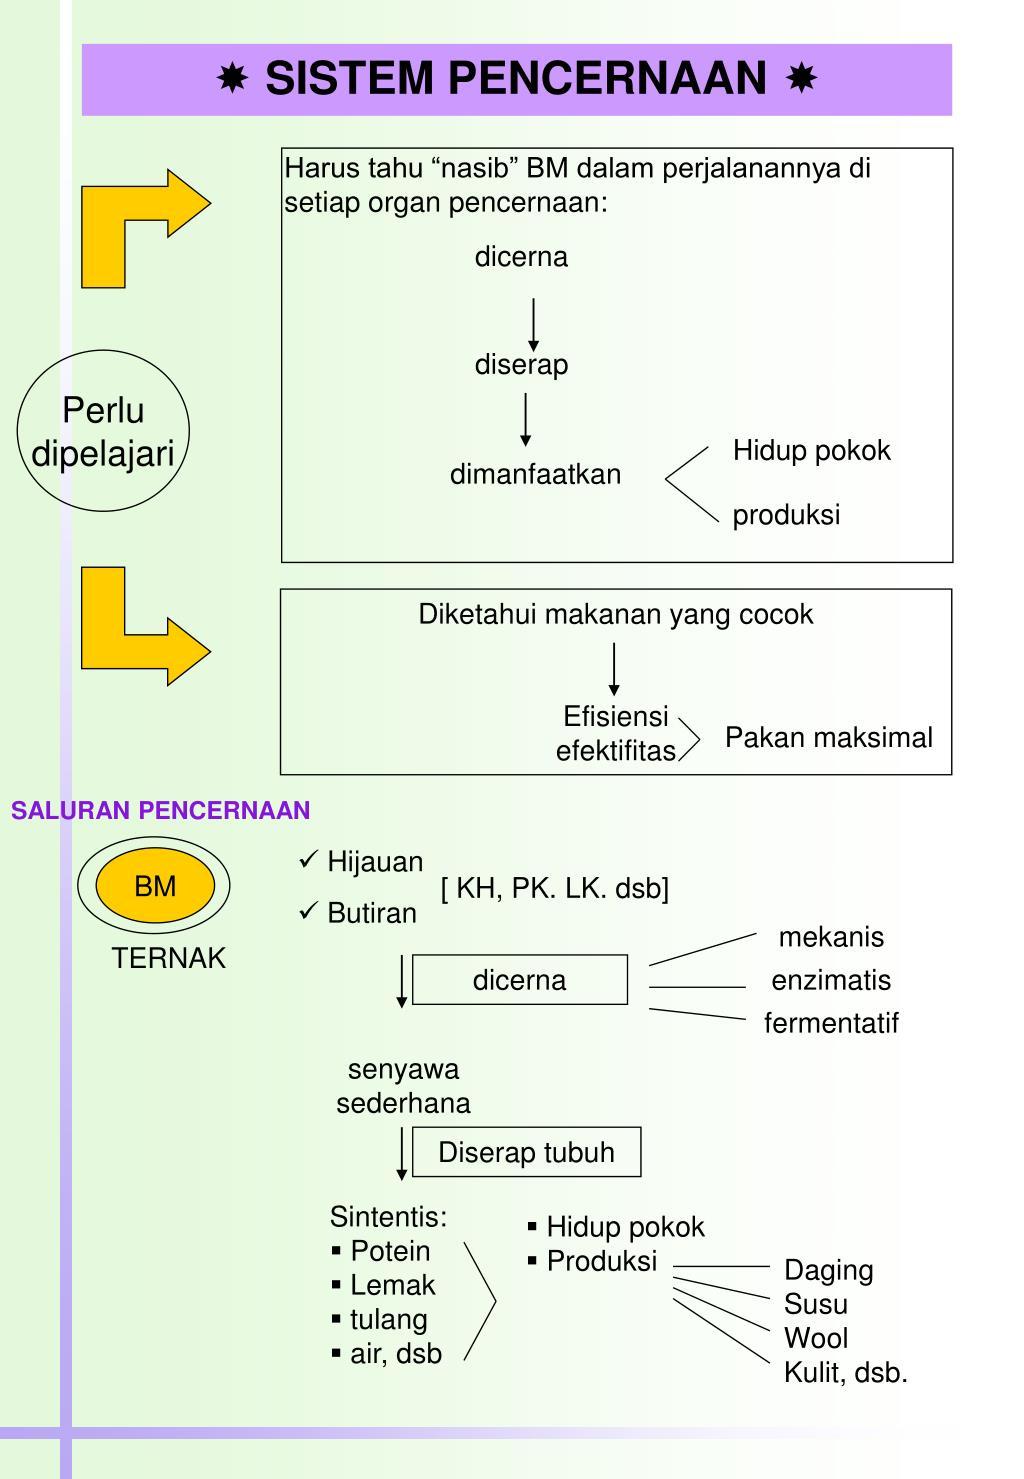 Ppt Sistem Pencernaan Powerpoint Presentation Free Download Id 6989799